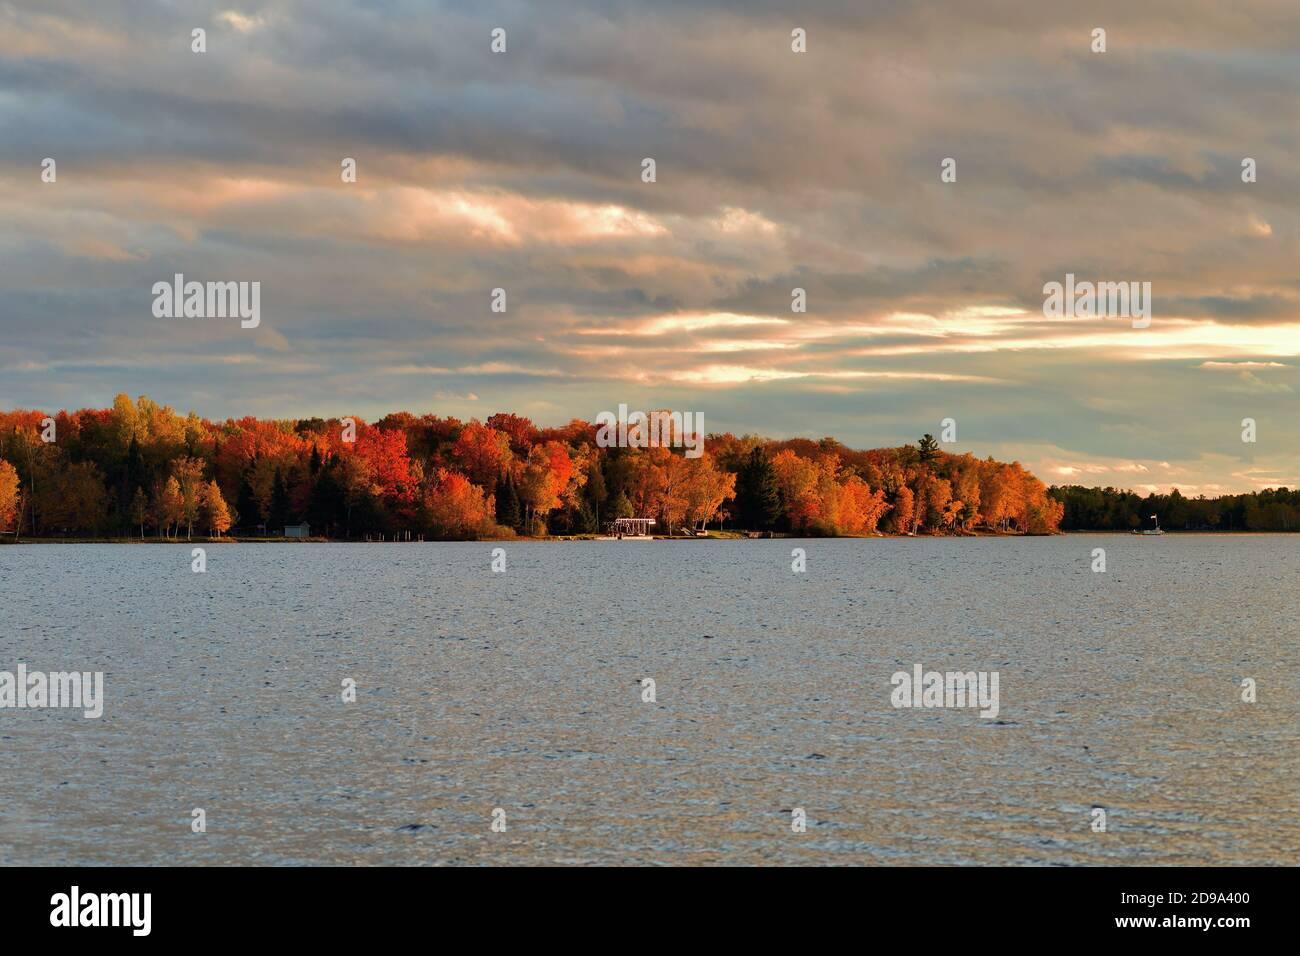 Trout Lake, Michigan, États-Unis. L'automne et le soleil de la fin de l'après-midi descendent sur une bande de rivage le long du lac Trout dans la péninsule supérieure du Michigan. Banque D'Images